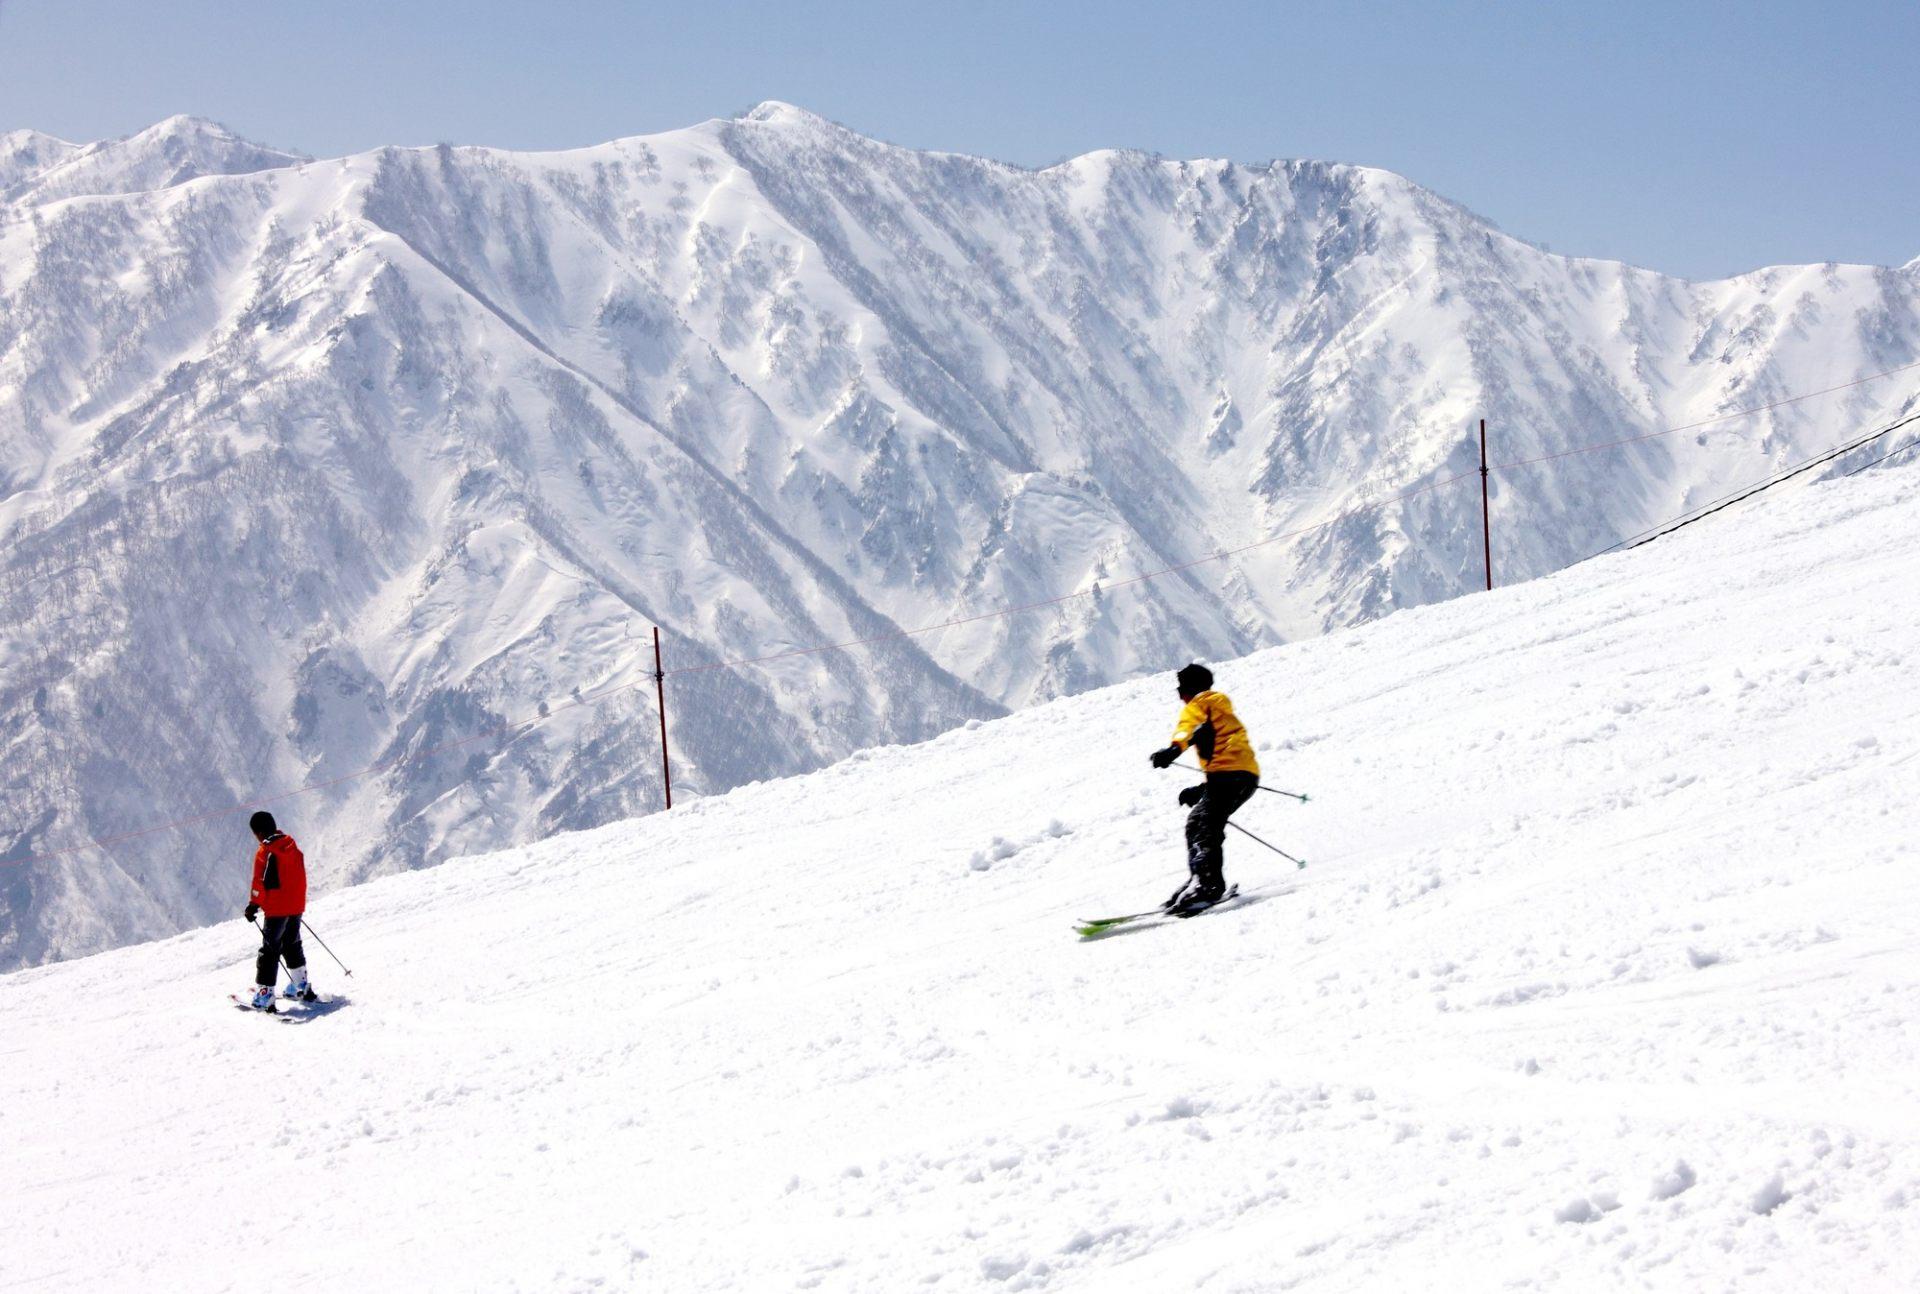 一边眺望美景一边滑行的感觉特别爽快♪